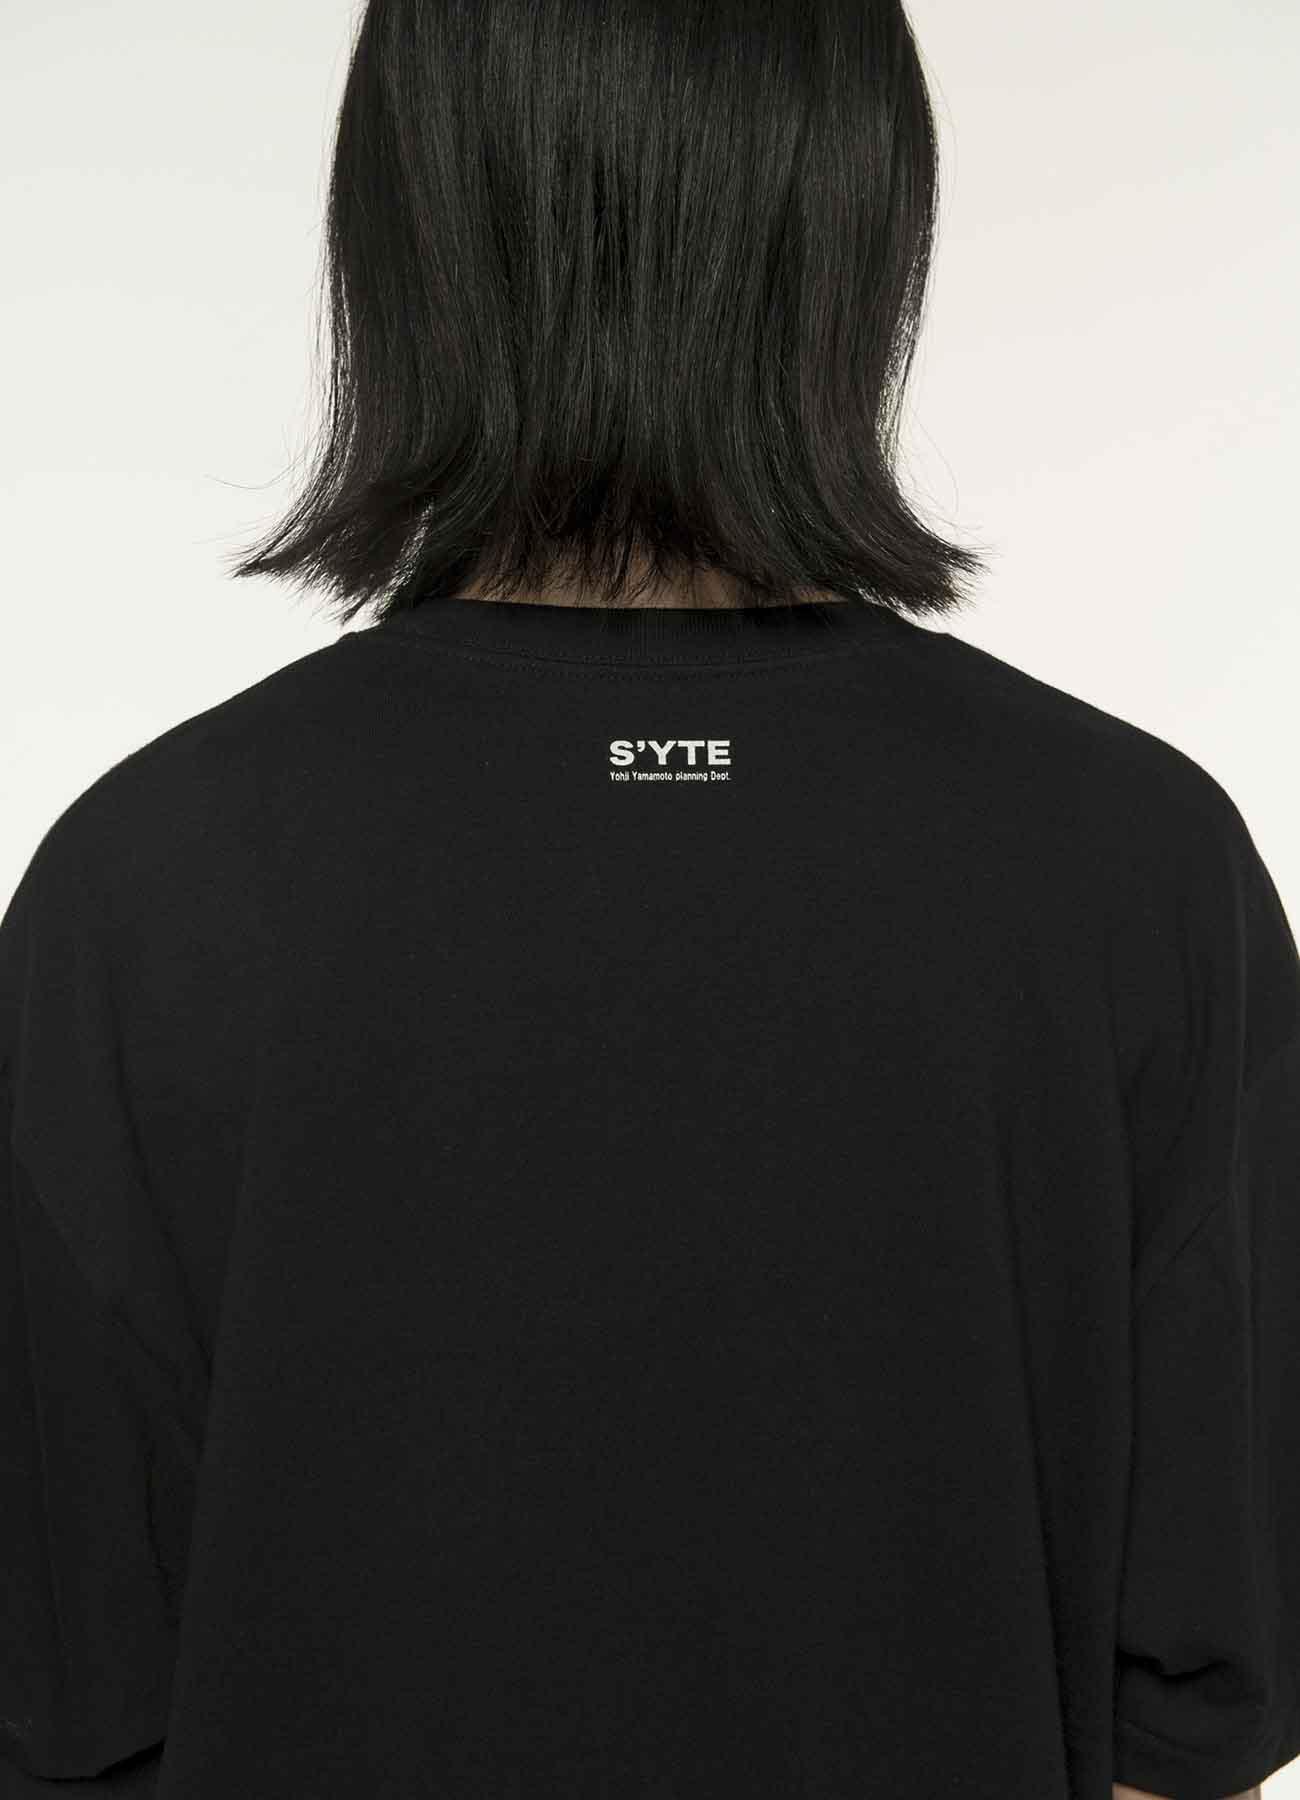 20 / 纯棉针织 S'YTE GiRLS和猫着色T恤